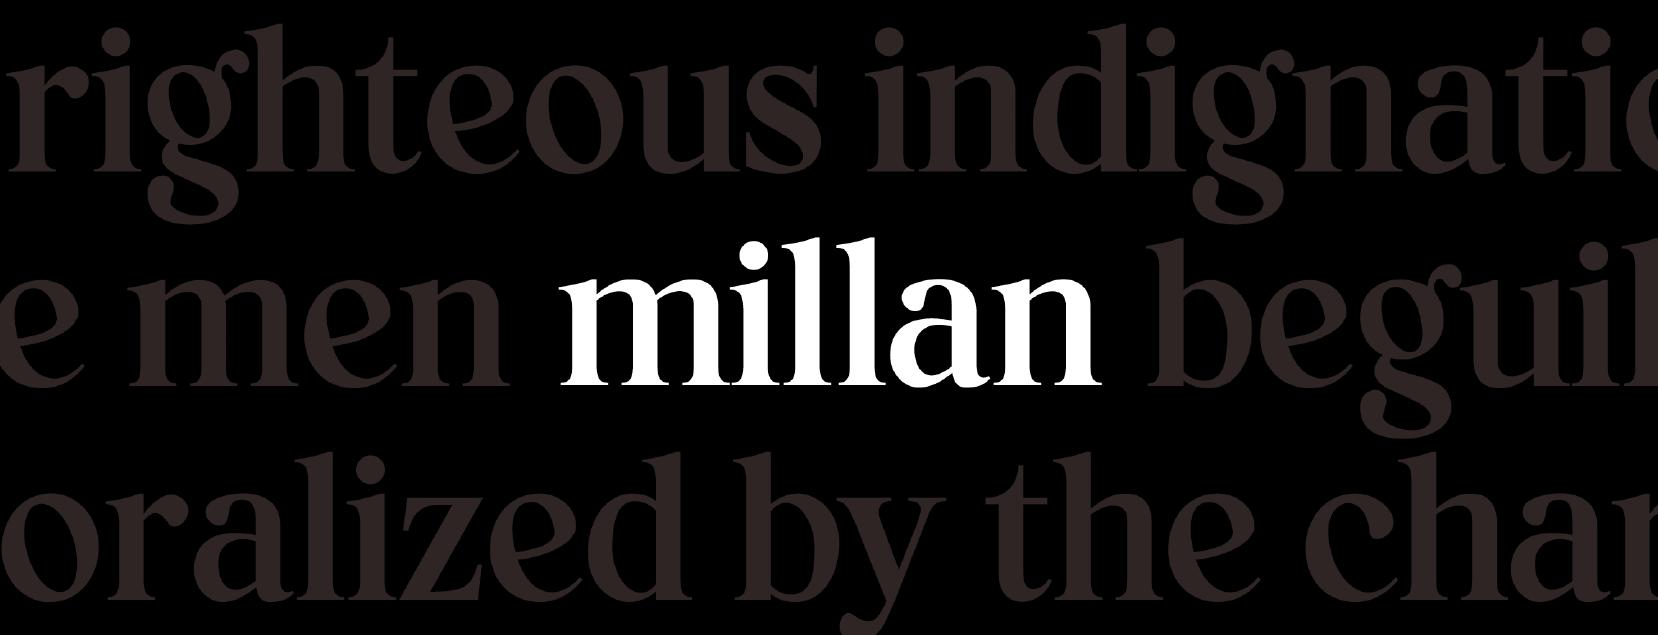 Millan letters-02